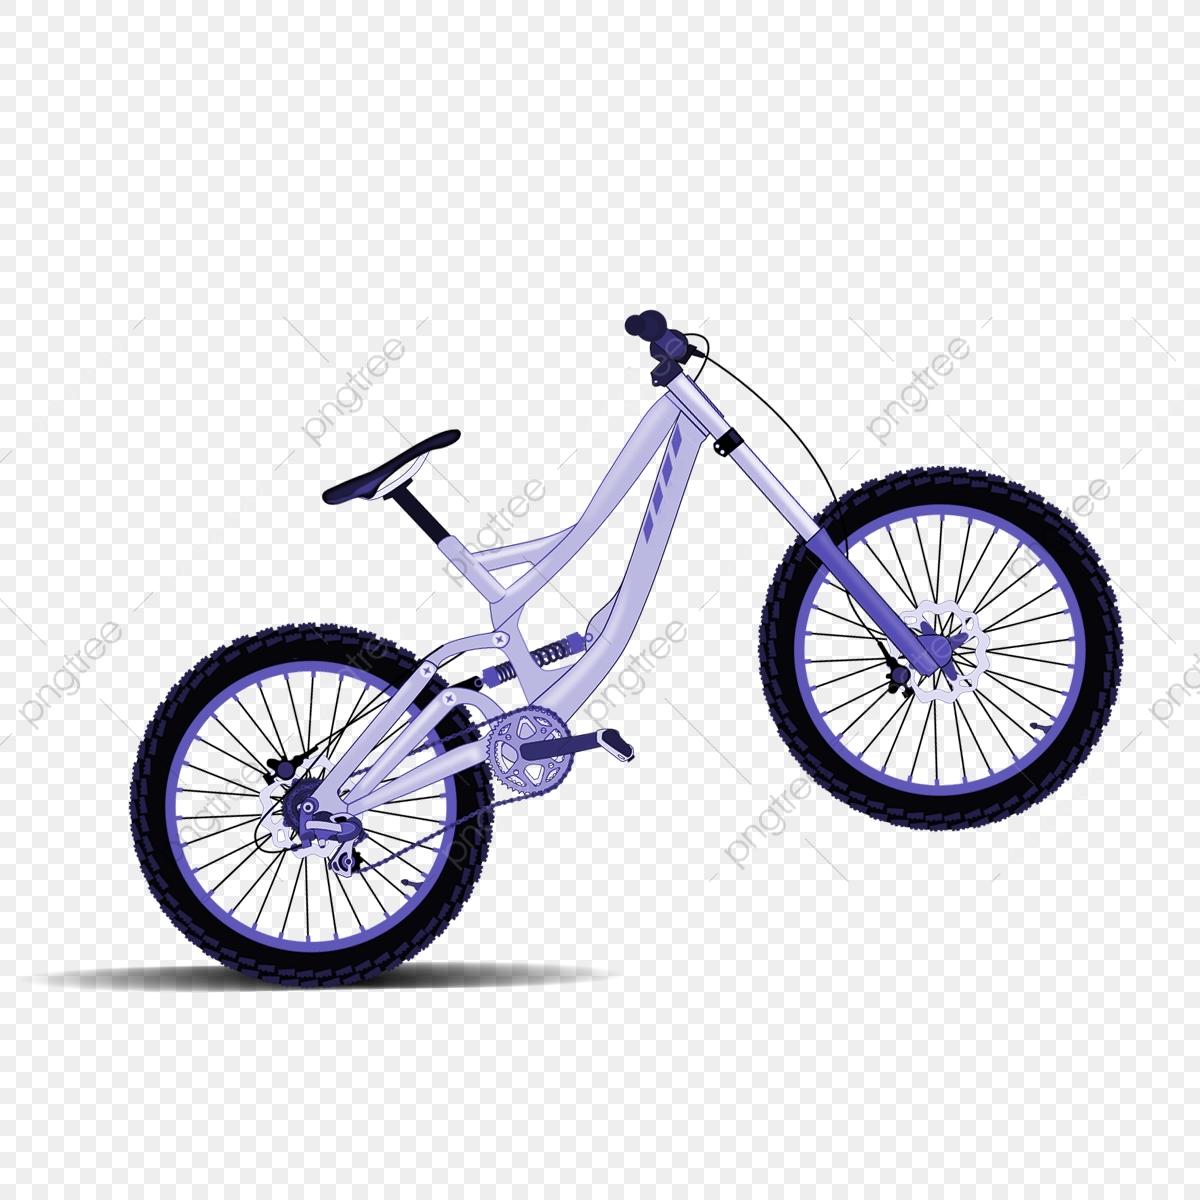 Bicicleta, Ativo, Bicicleta, Bicicleta Arquivo PNG e PSD para.